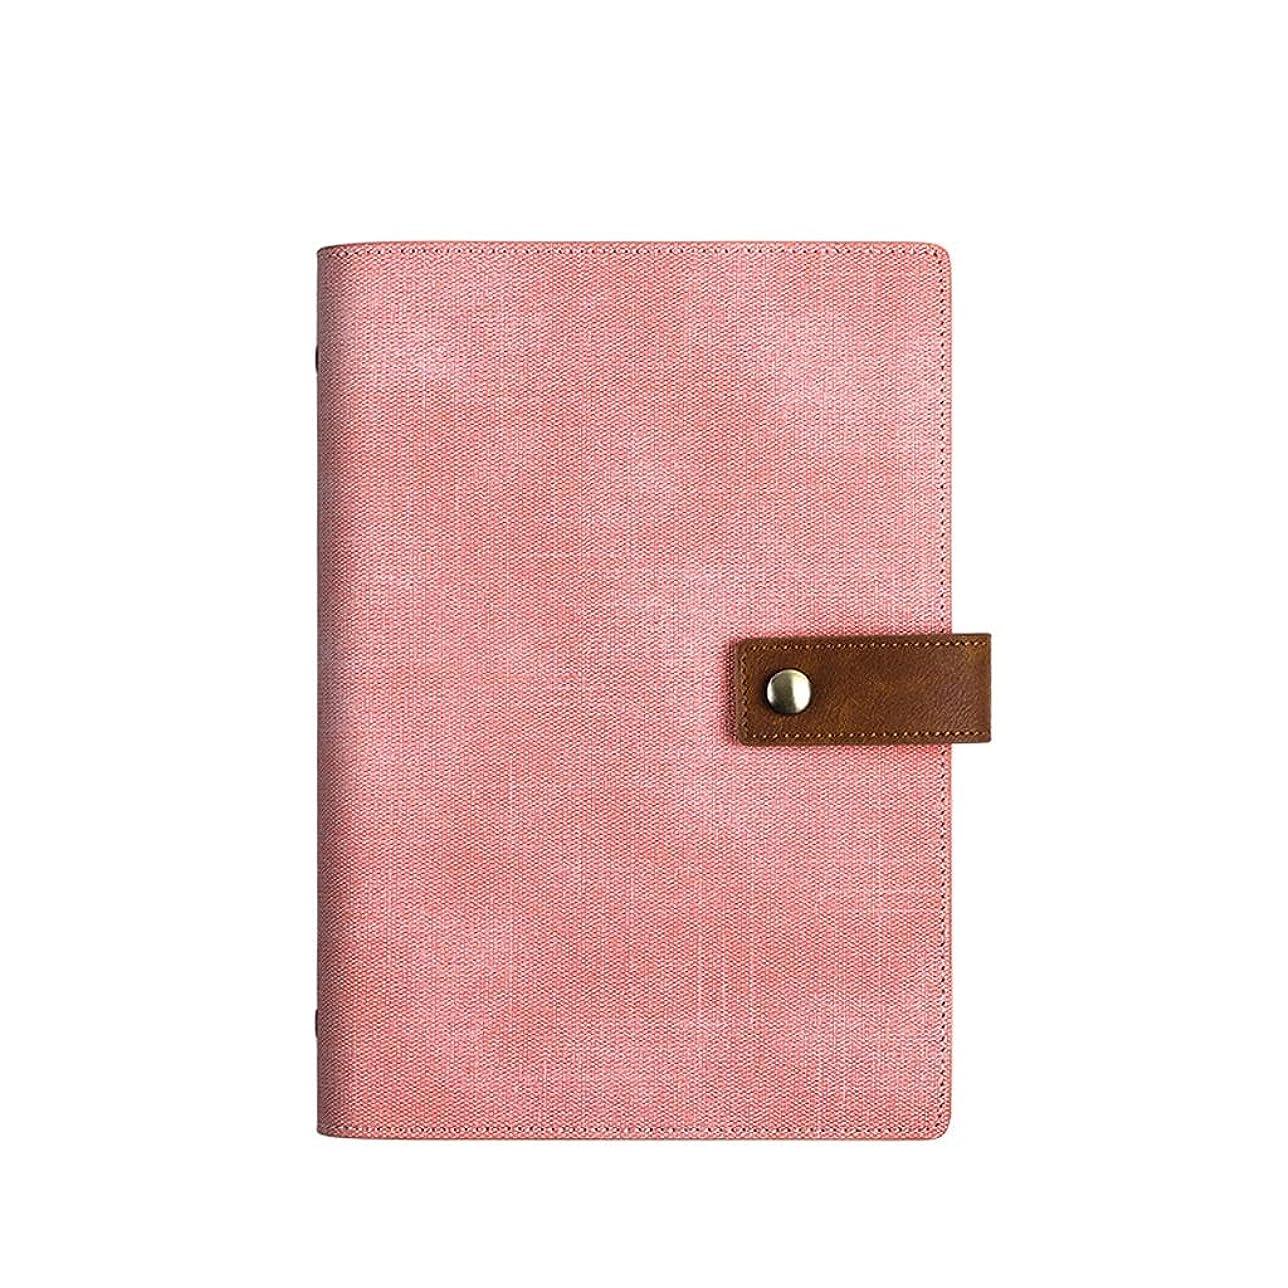 オフィスノート ルーズリーフノートA5取り外し可能なメモ帳シンプルなレザーパッド入りメモ帳付きメモ帳200ページ (Color : Pink, サイズ : 16.9*23.1cm)